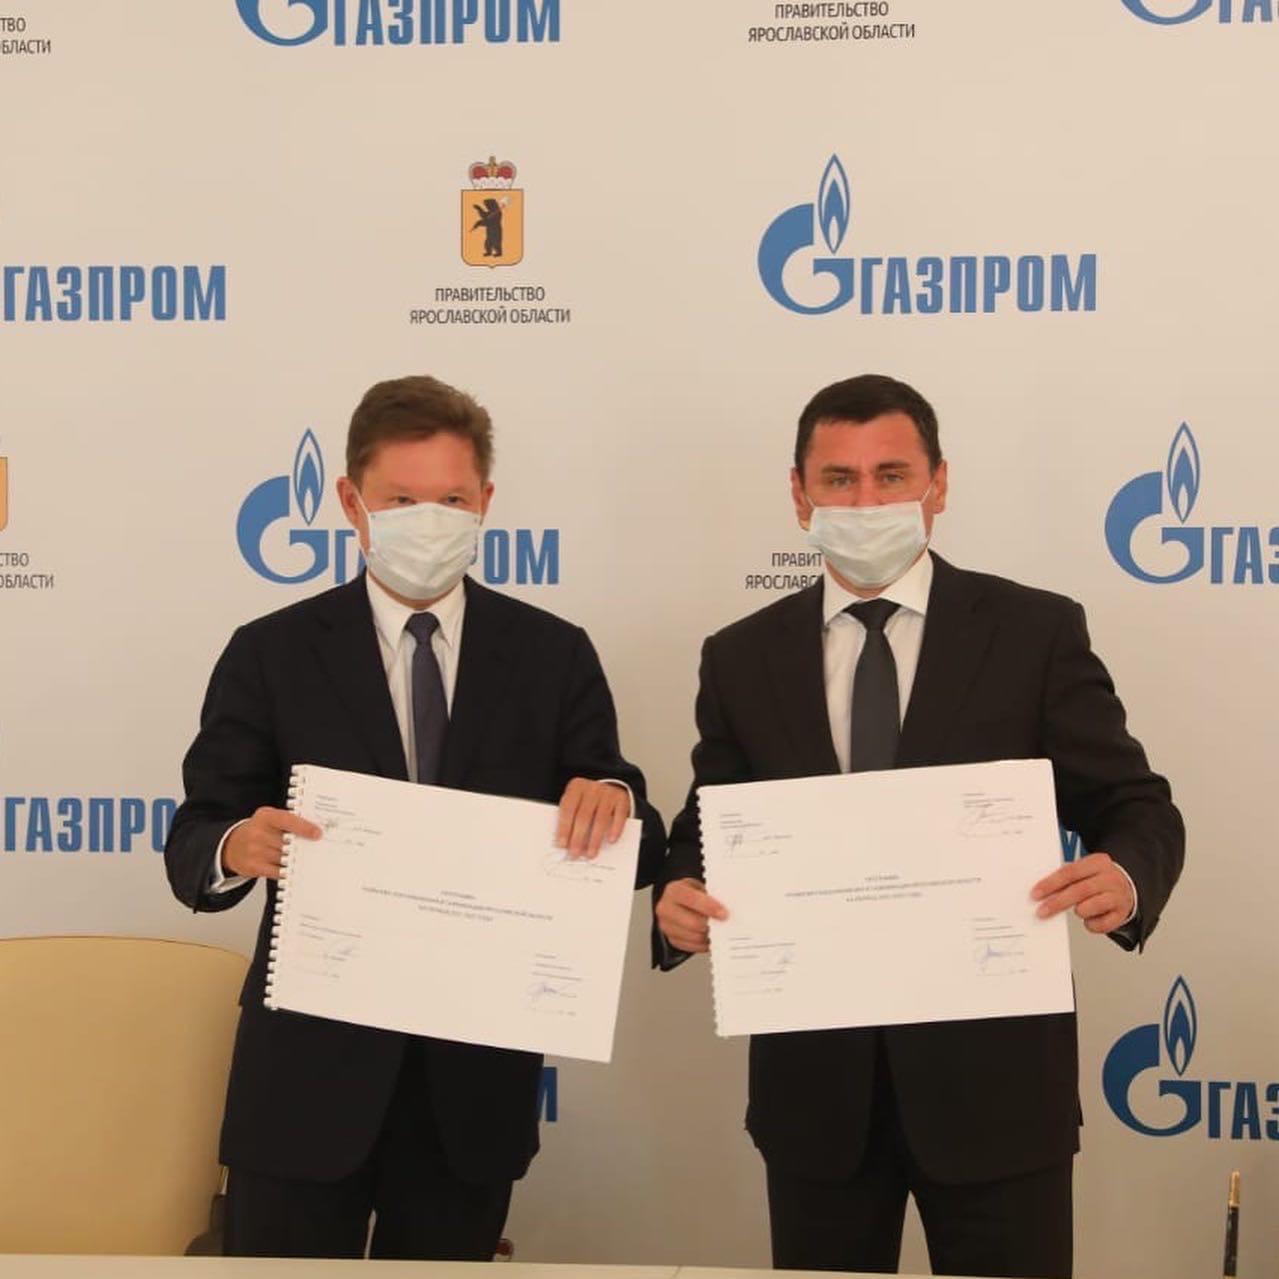 Дмитрий Миронов: в 2021-2025 «Газпром» вложит в Ярославскую область в 13 раз больше, чем за последние четыре года